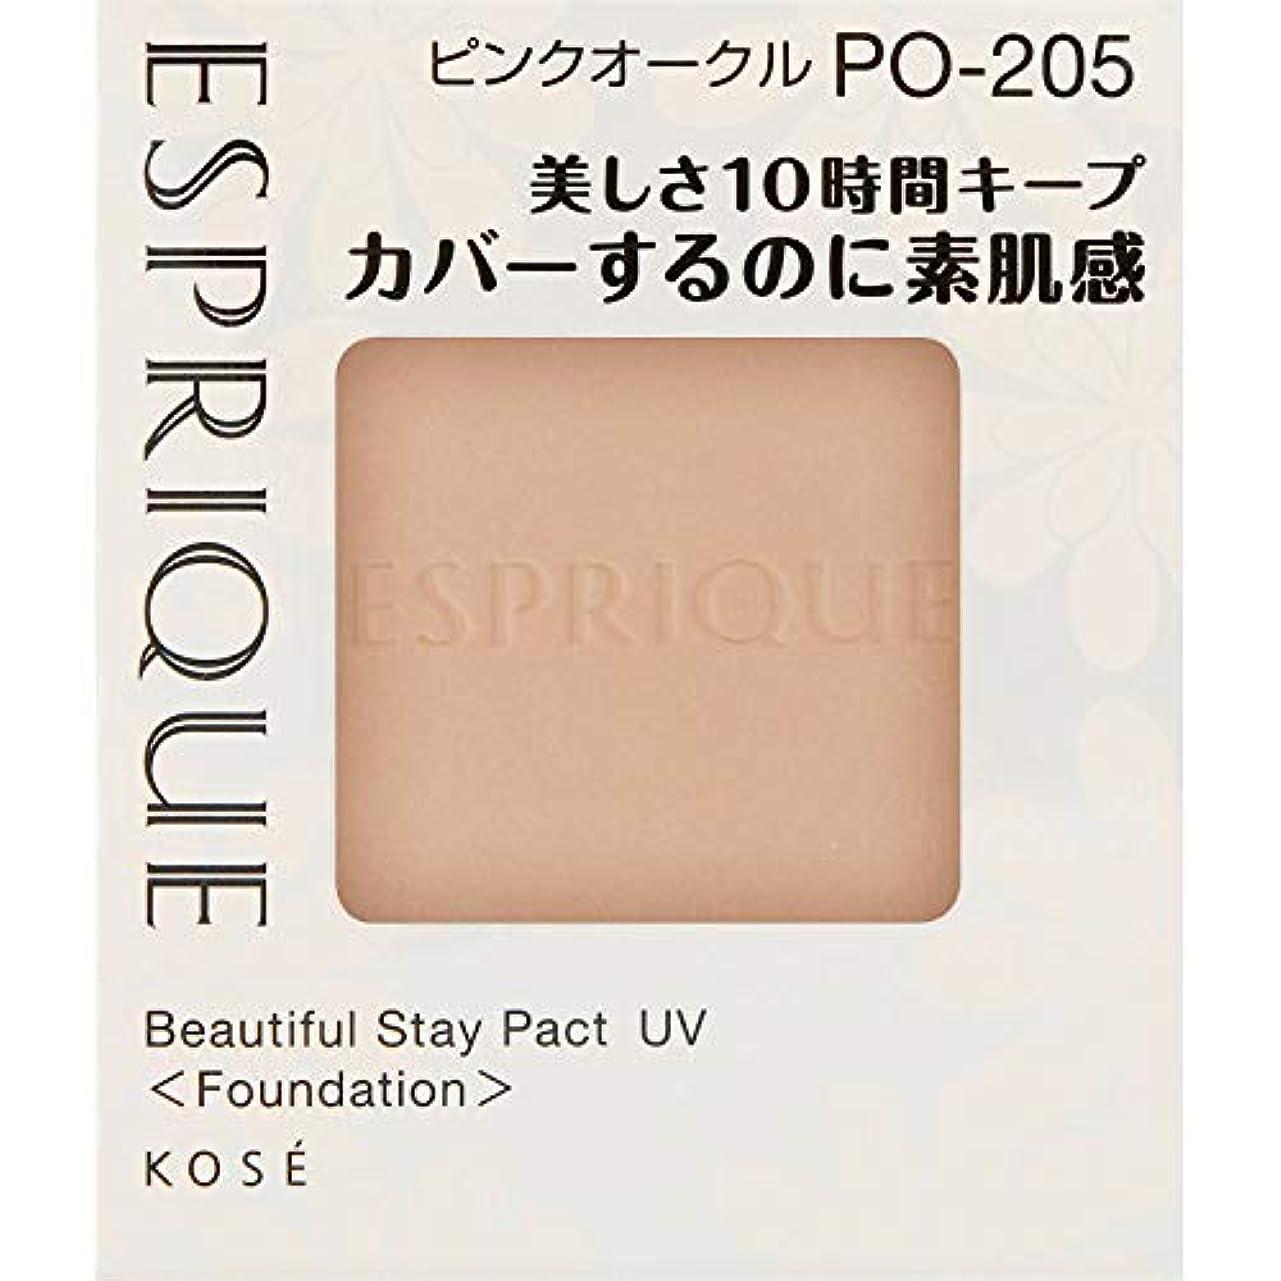 火さまよう罪人エスプリーク カバーするのに素肌感持続 パクト UV PO-205 ピンクオークル 9.3g